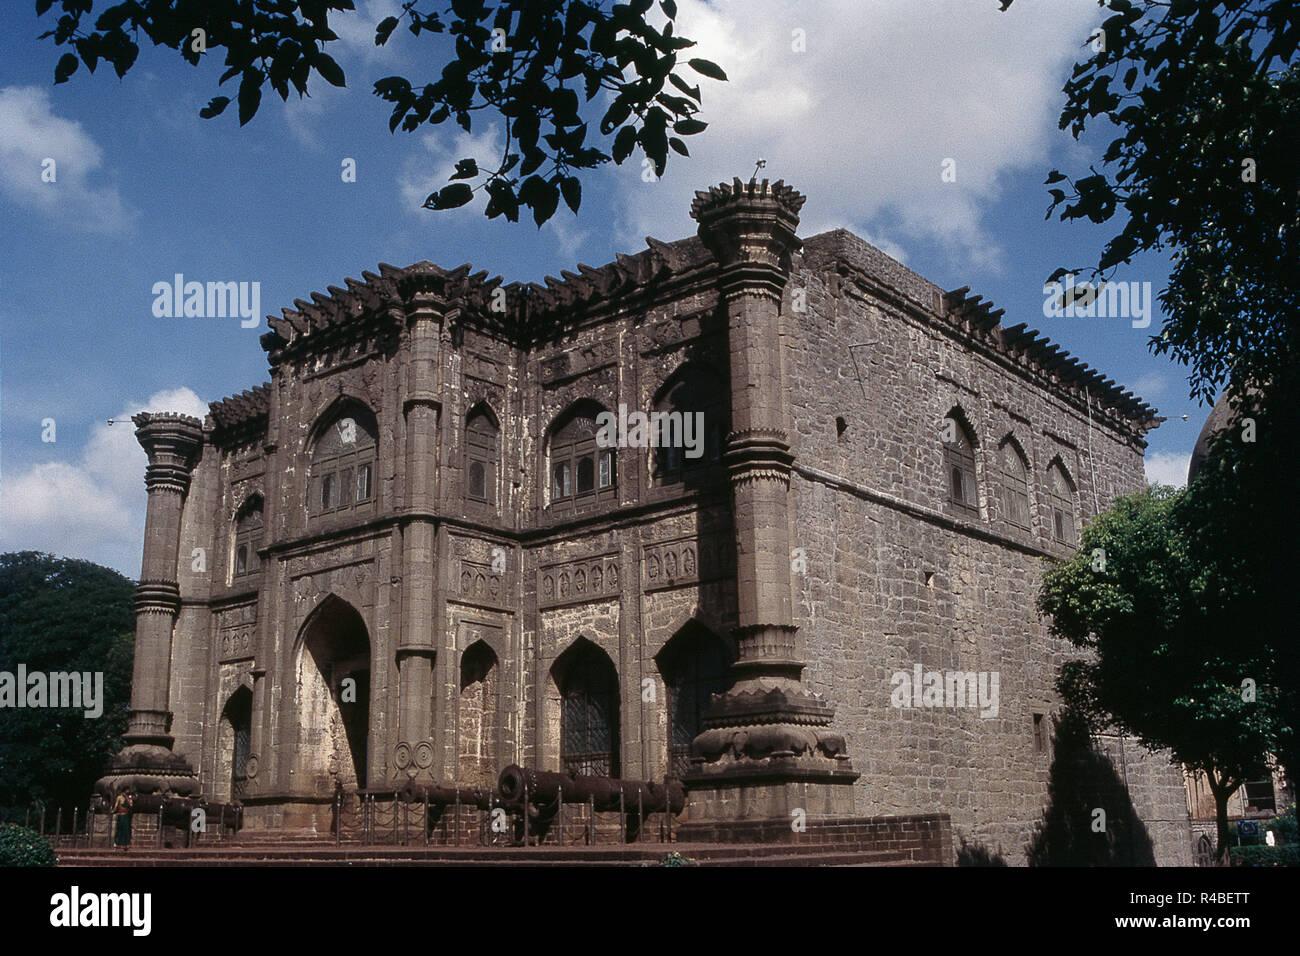 Exterior of Nagar khana museum, Bijapur, Karnataka, India, Asia - Stock Image